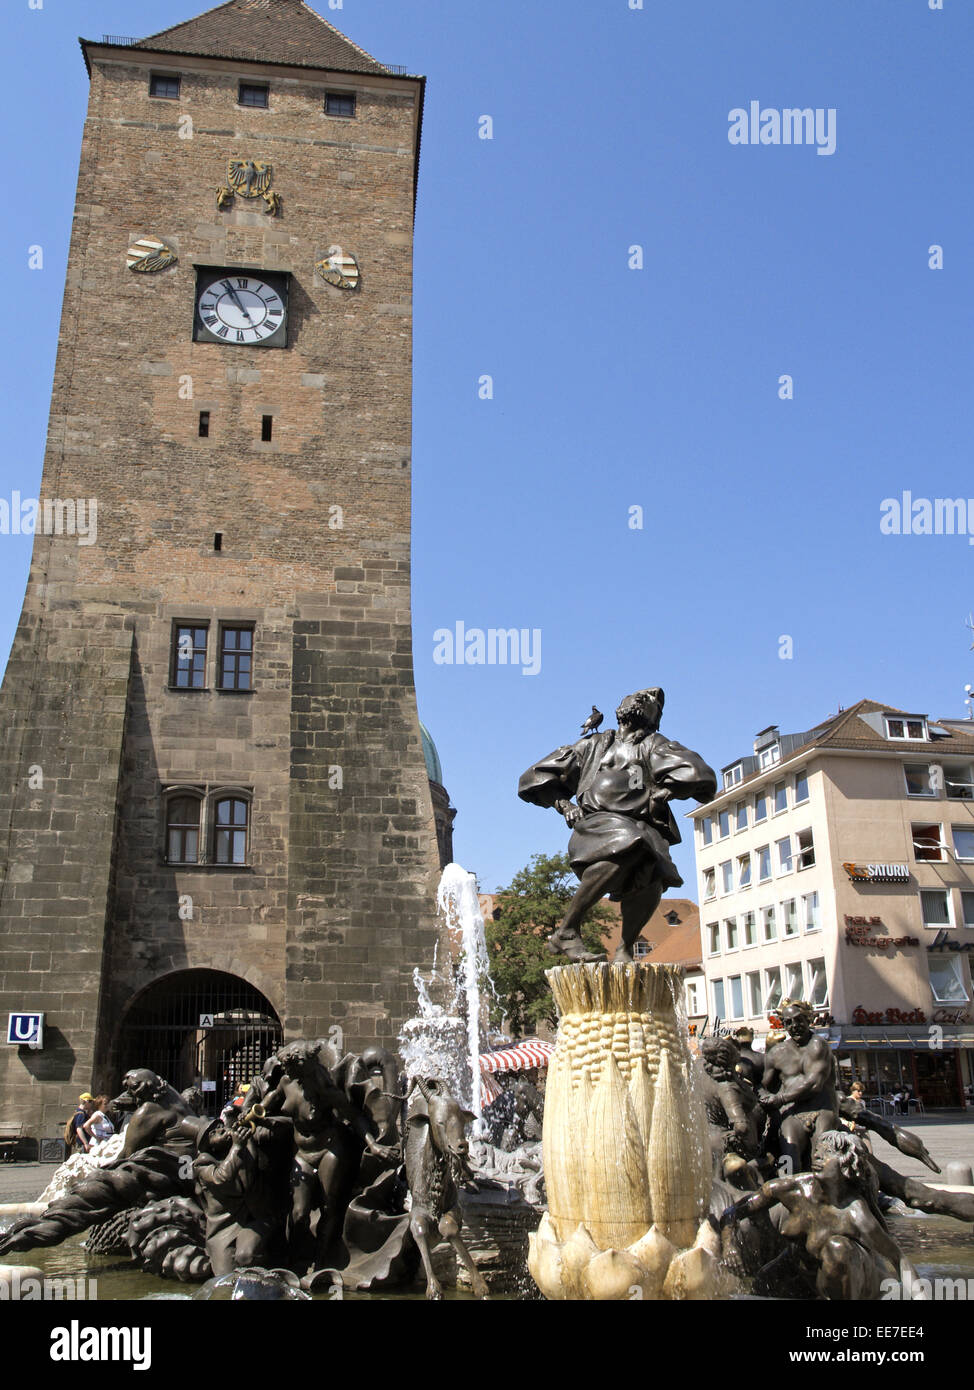 Deutschland, Bayern, Nuernberg, Weisser Turm, Brunnen, Ehekarussell, Franken, Mittelfranken, Innenstadt, Turmgebaeude, - Stock Image